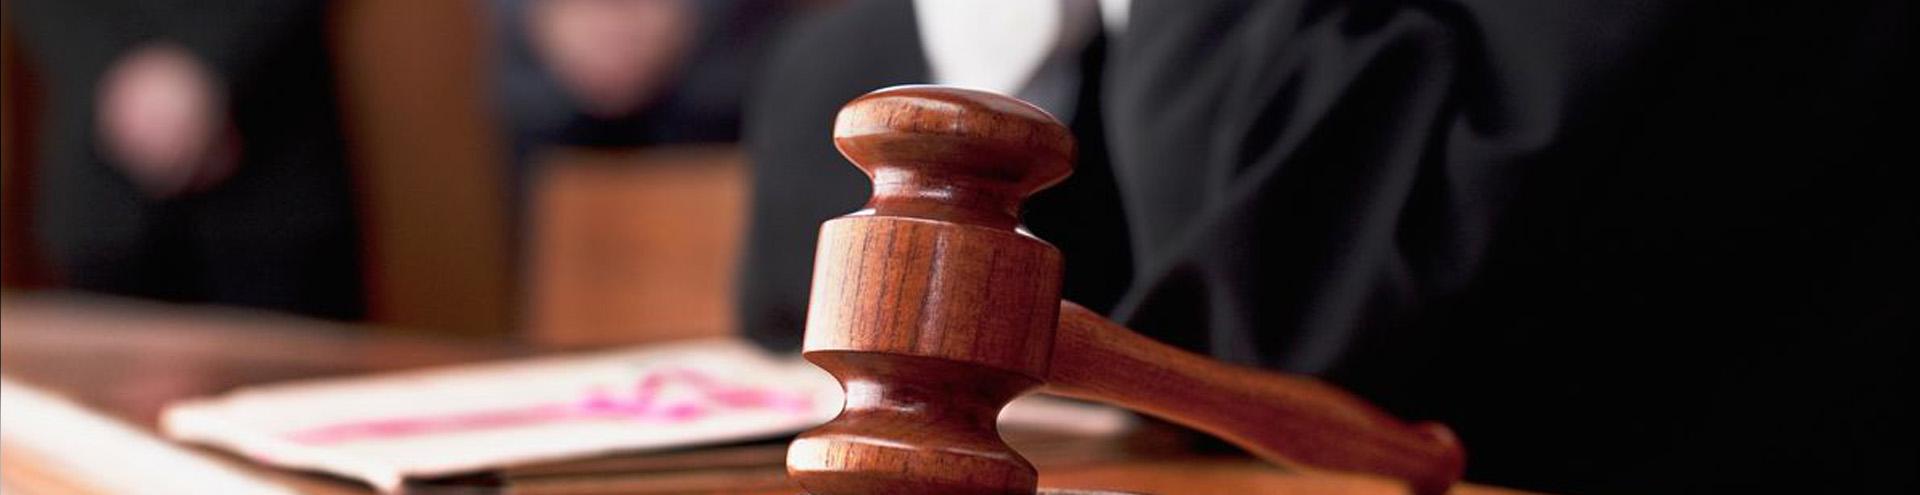 апелляционная жалоба в Чебоксарах и Чувашской Республике